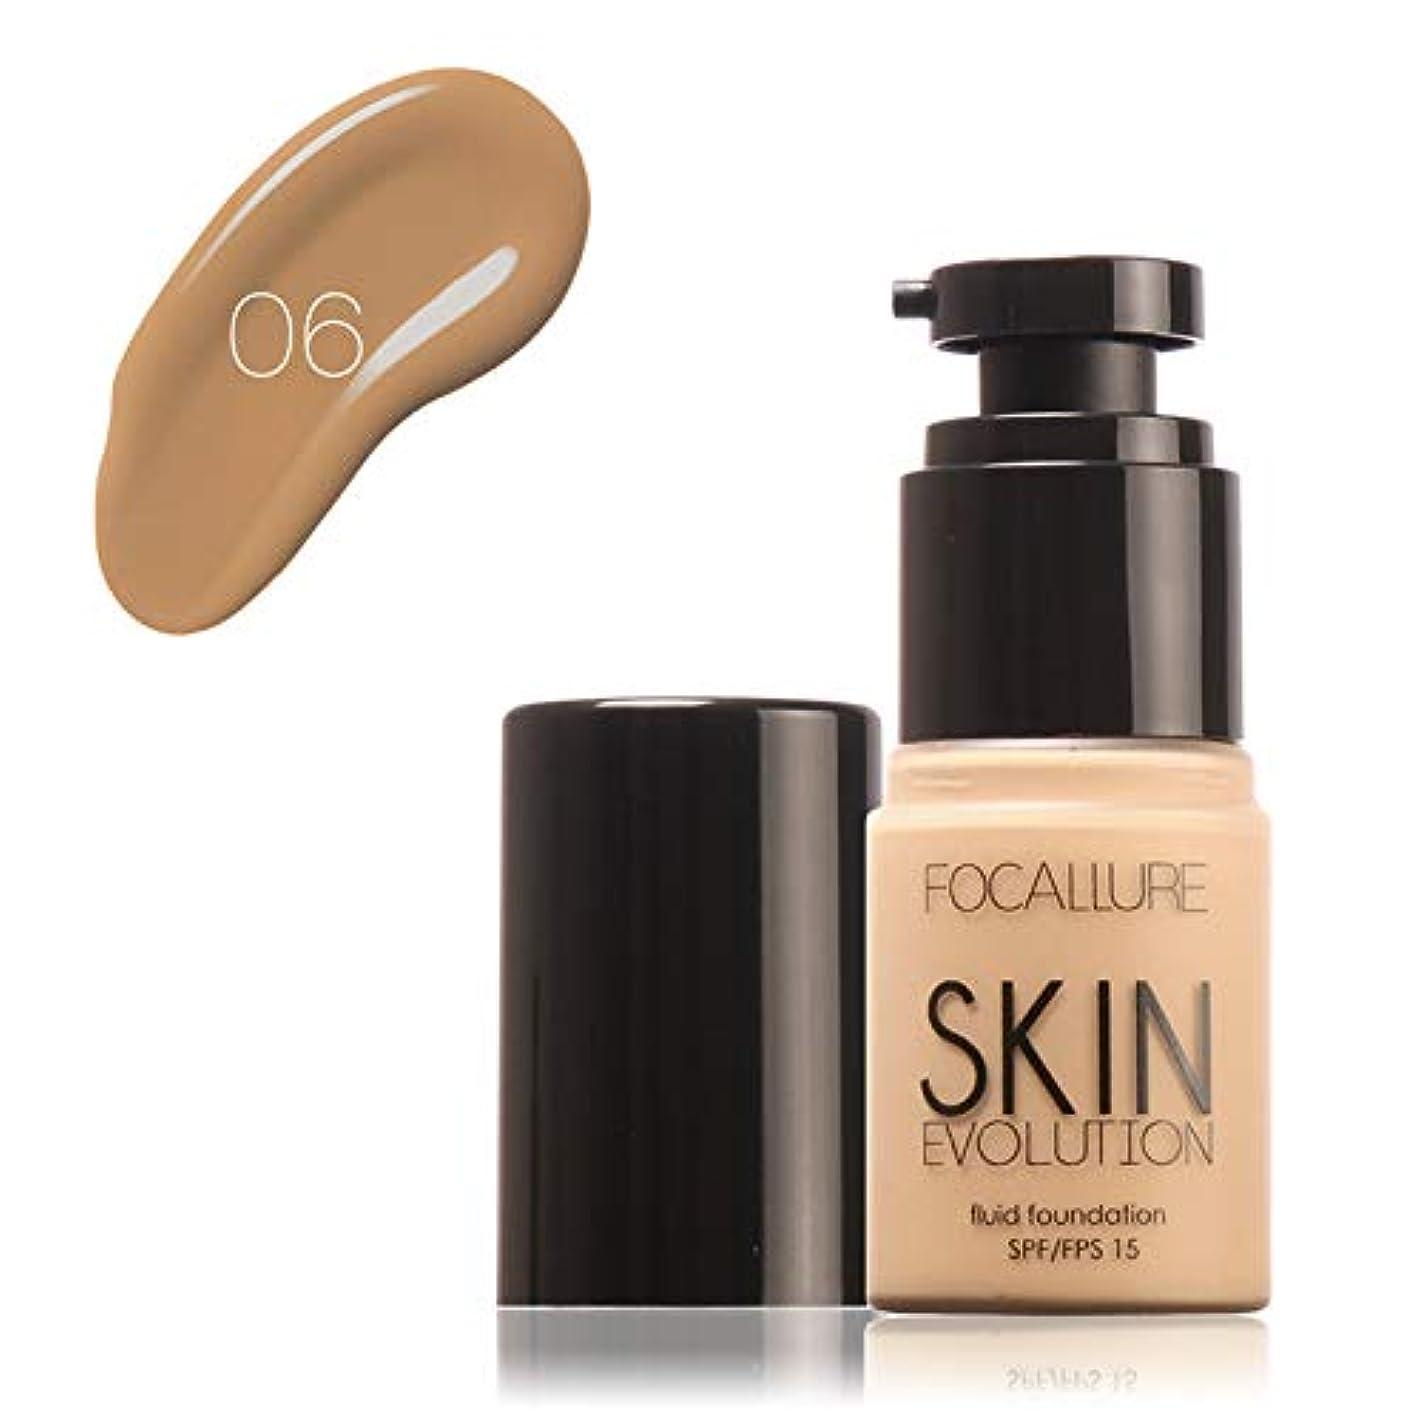 バッフルデコードする補体Symboat BBクリーム リキッド ファンデーション 美白 ブライトナー コンシーラー ロングラスティング フェイスベース プライマー メイクアップ 化粧ベース 美容 化粧品 シミ くま ニキビ隠し 日焼け止め UV対策